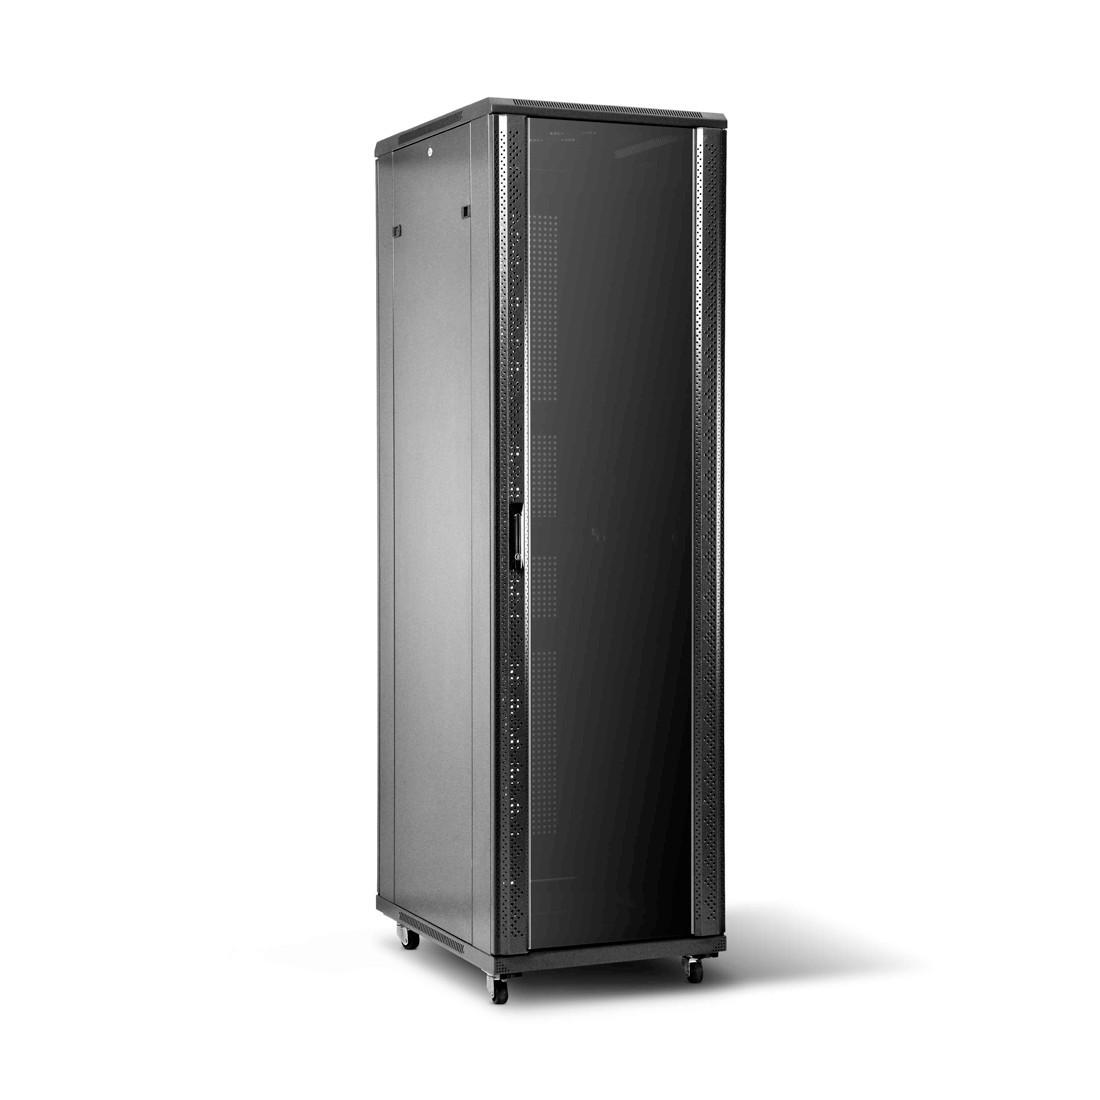 SHIP 601S.8242.24.100 Шкаф серверный 124 серия, 19'' 42U, 800*1200*2000 мм, Ш*Г*В, IP20, Чёрный